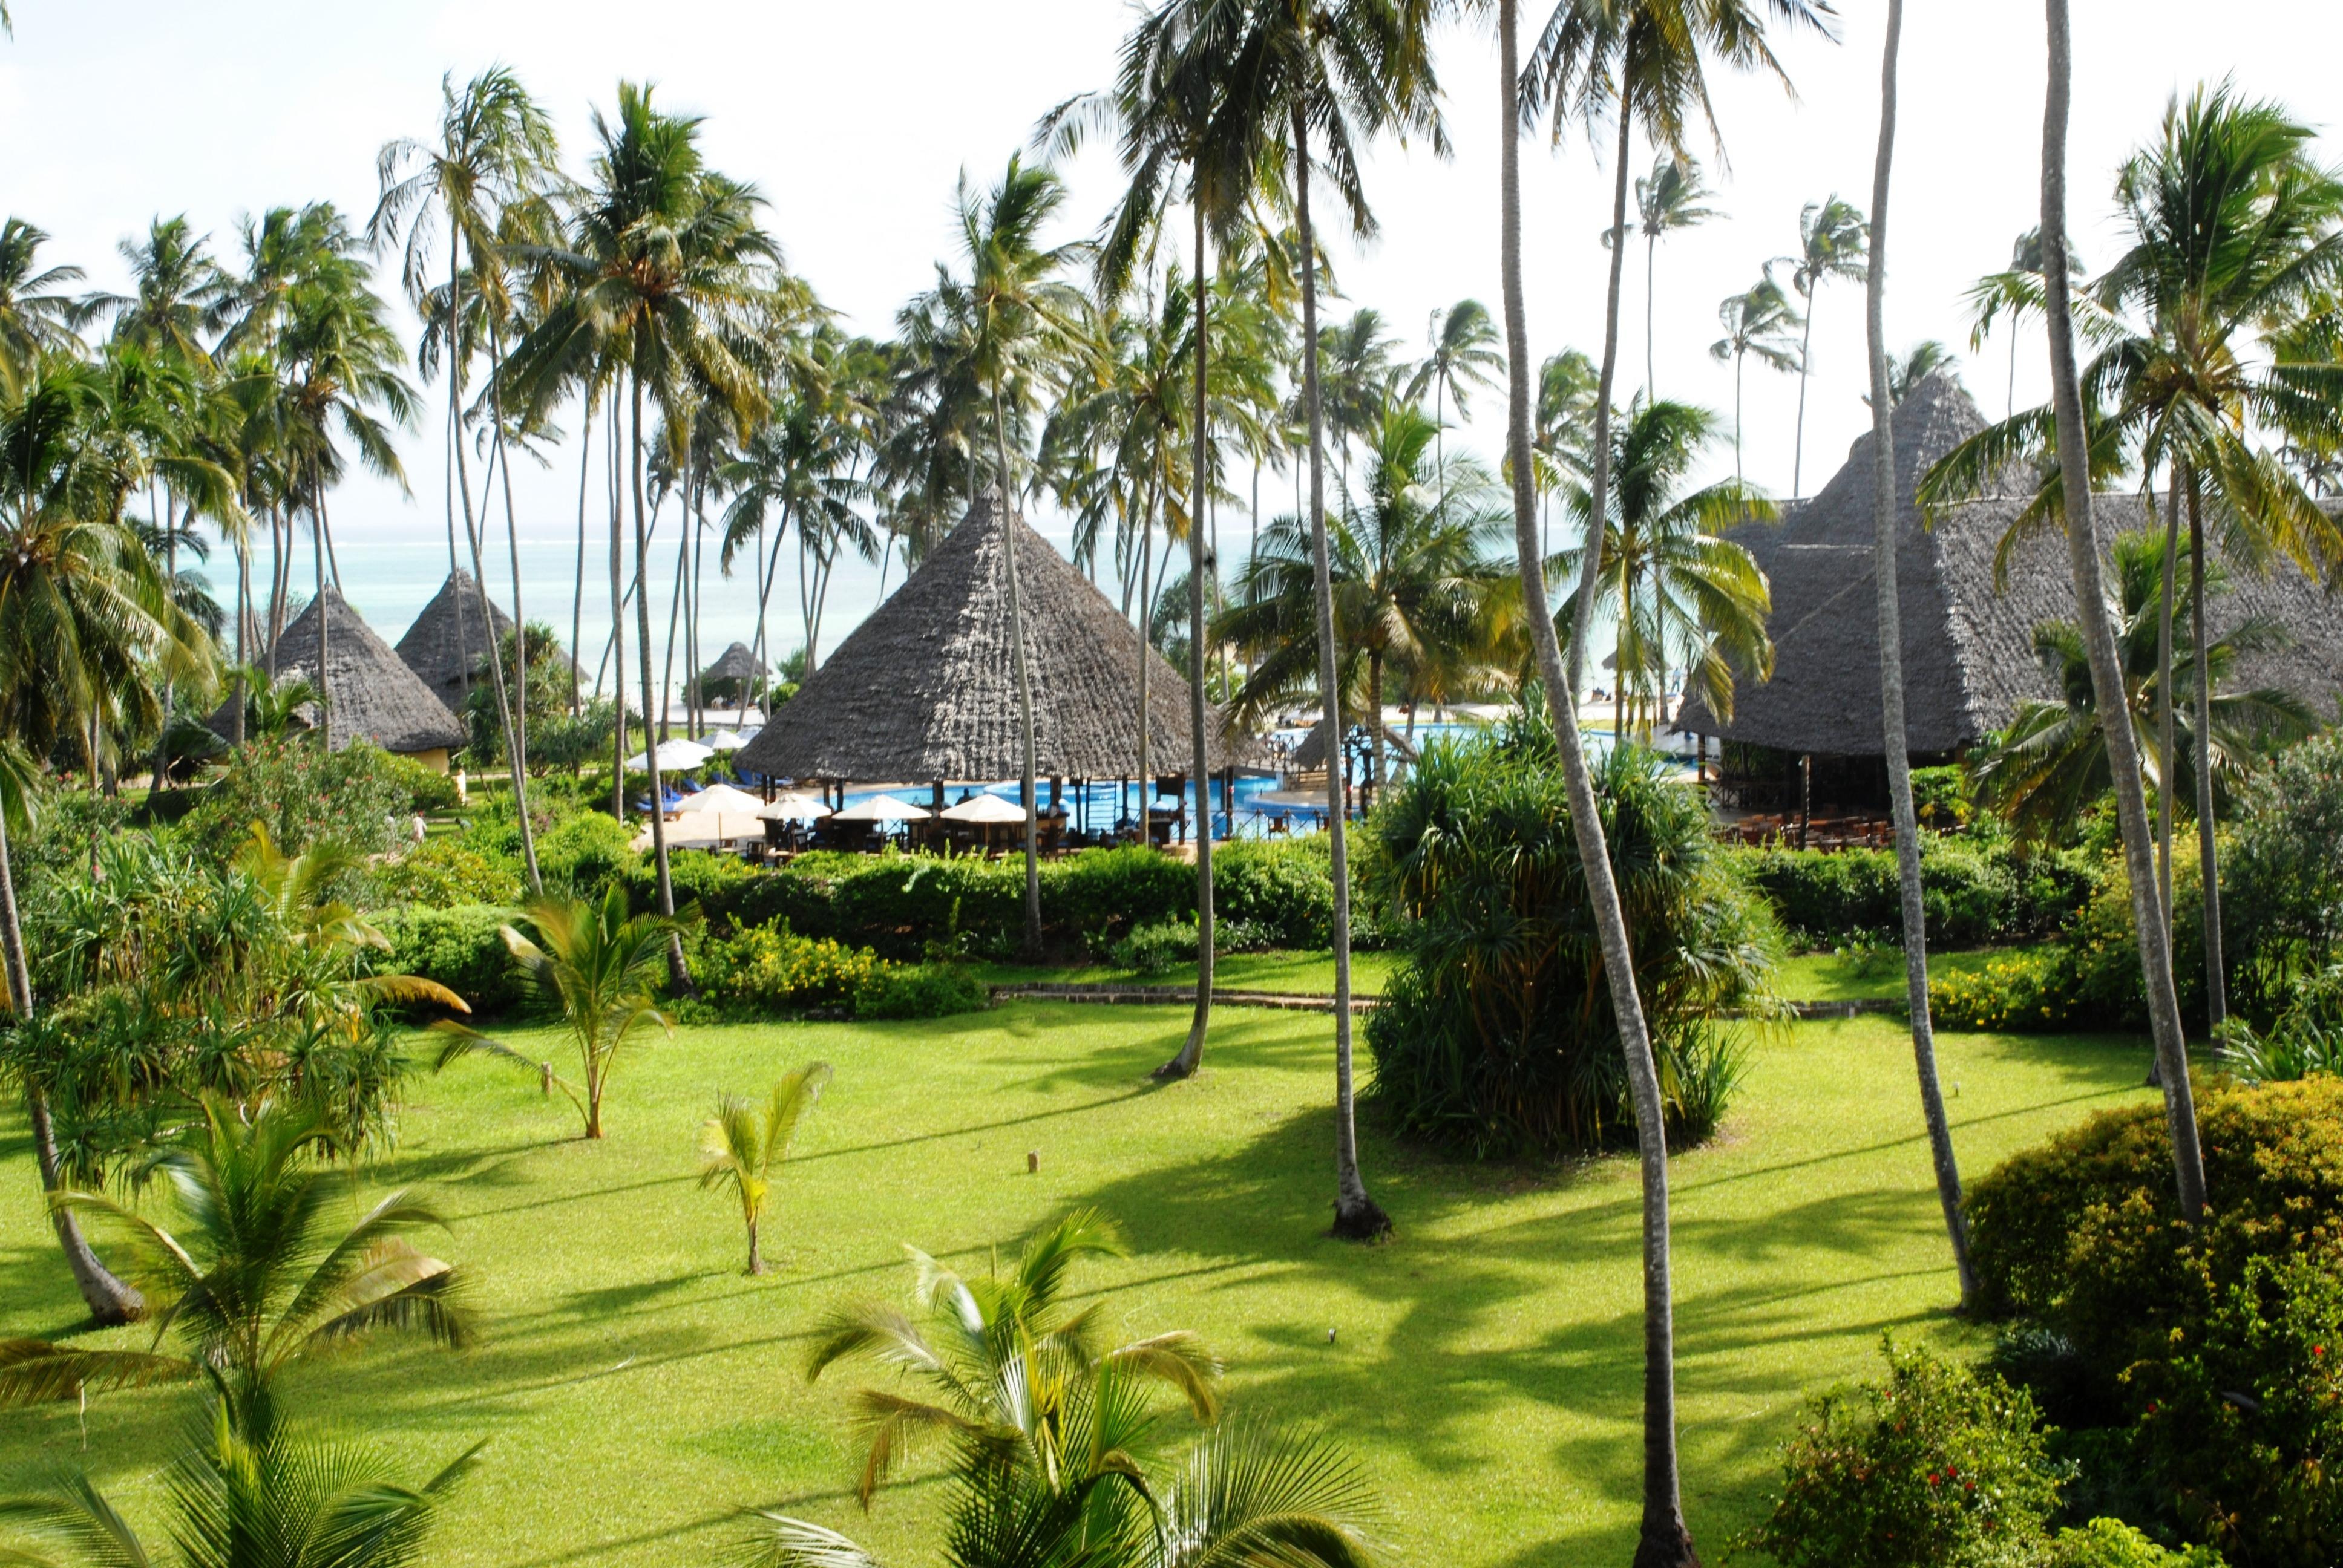 Gratuites paysage arbre herbe plante palmier